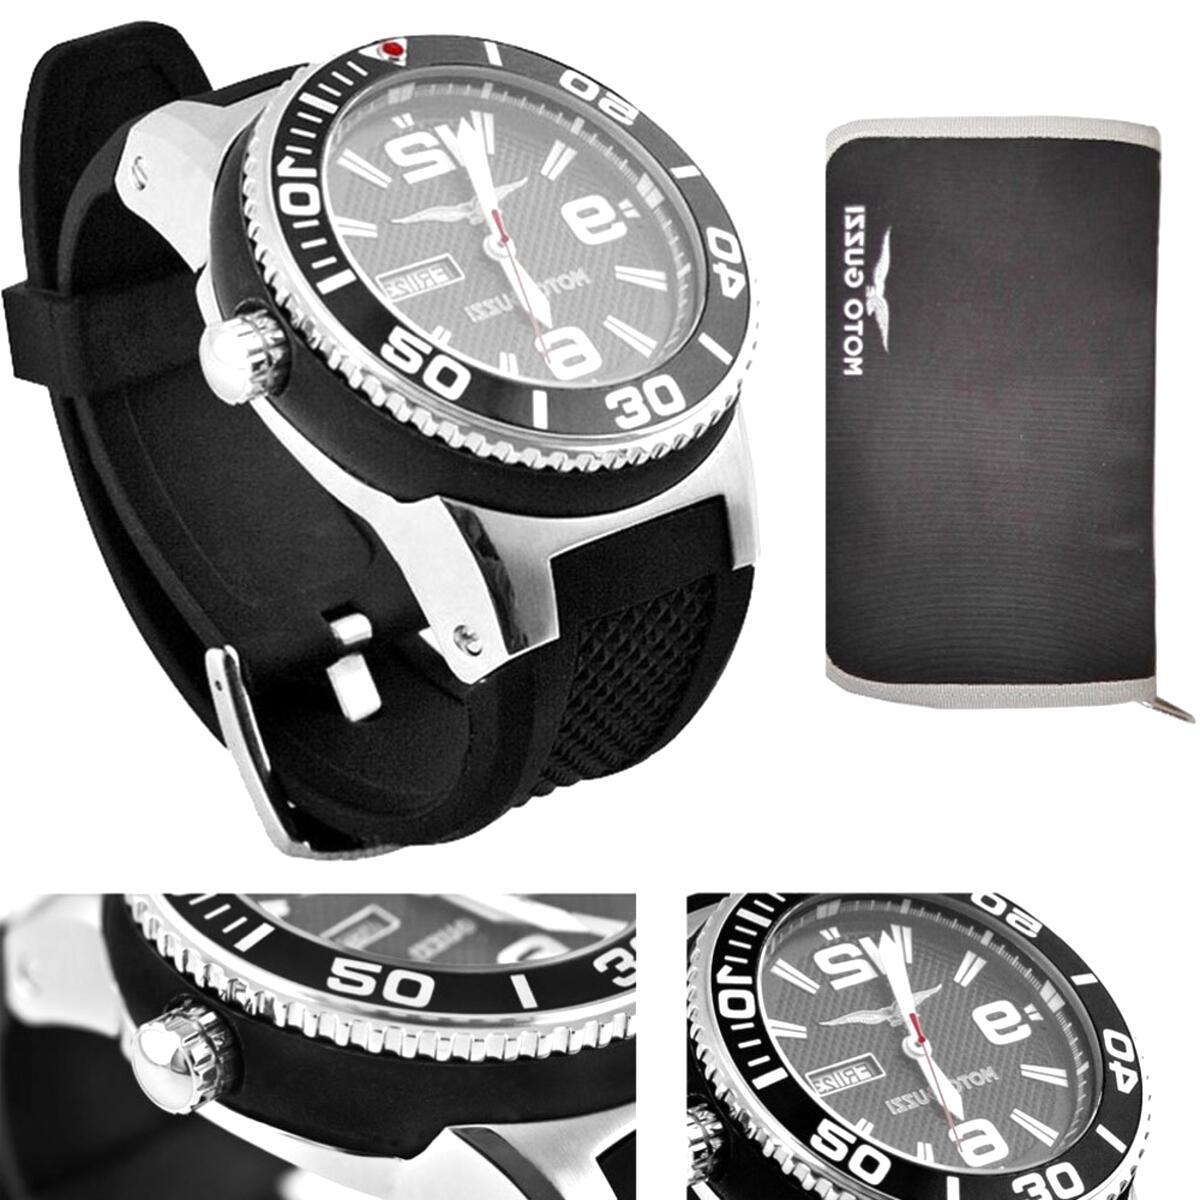 orologio moto guzzi usato